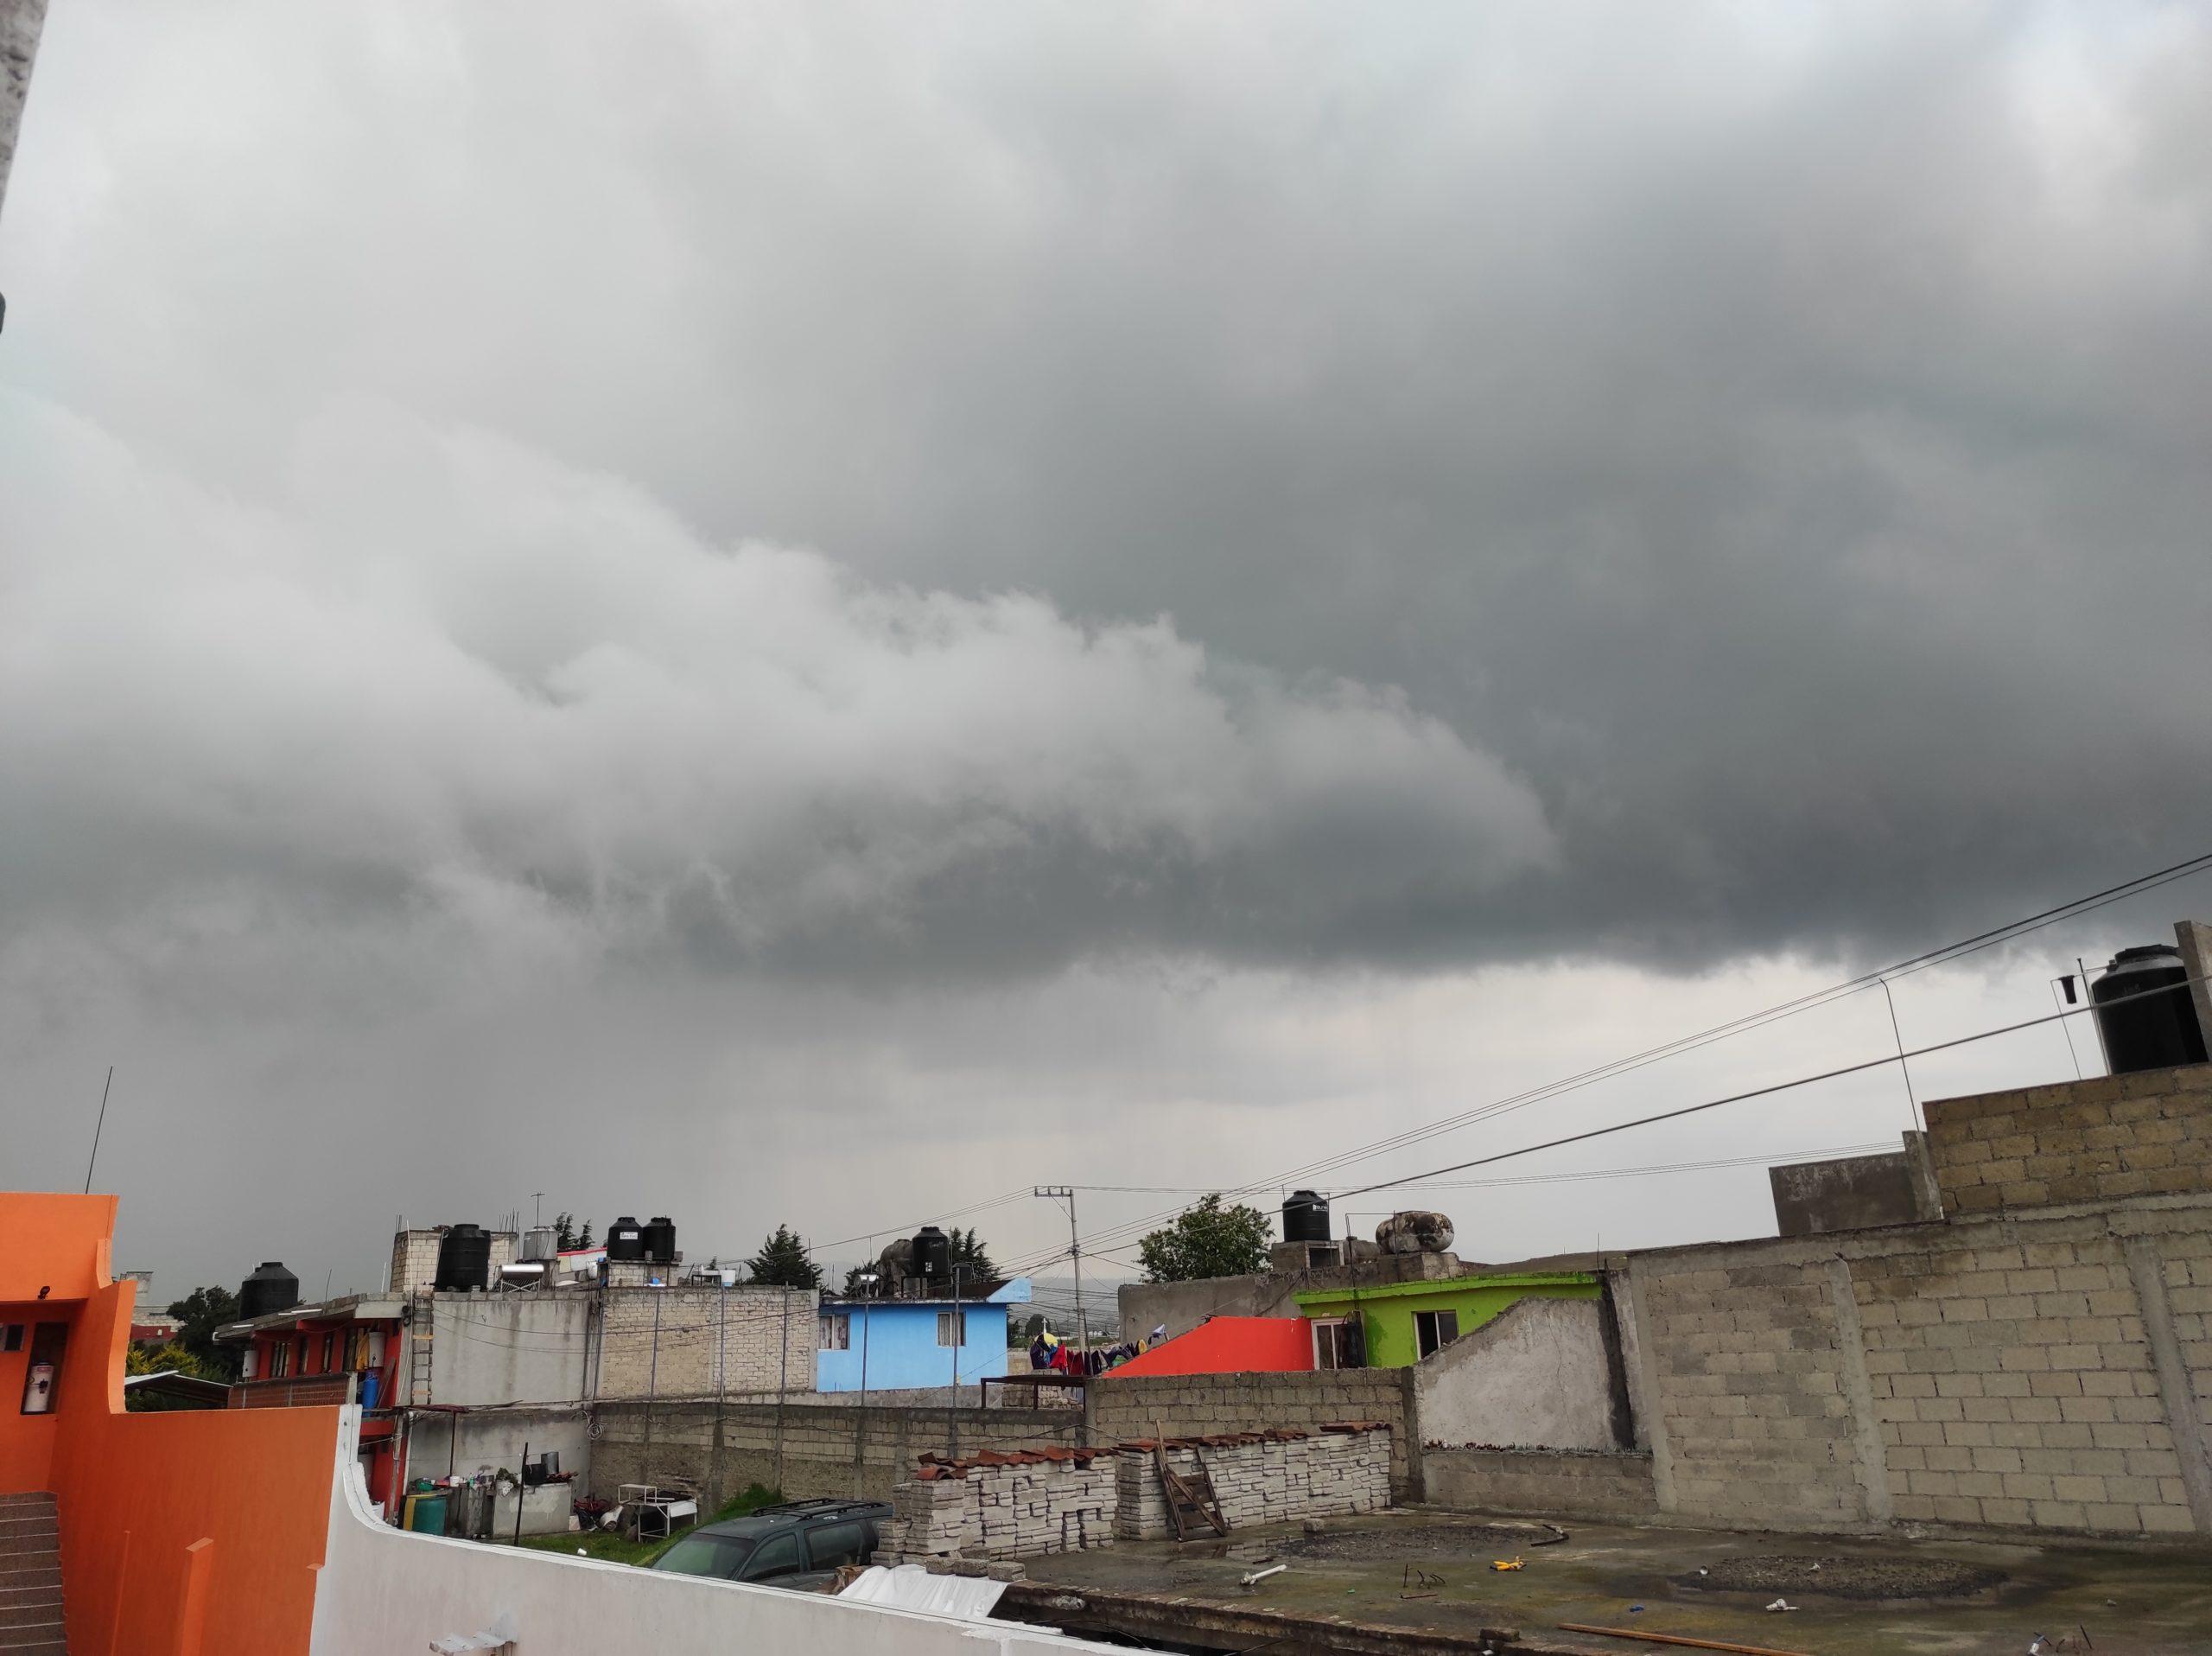 LLUVIAS FUERTES CON DESCARGAS ELÉCTRICAS SE ESPERAN HOY EN LA MAYOR PARTE DEL PAÍS